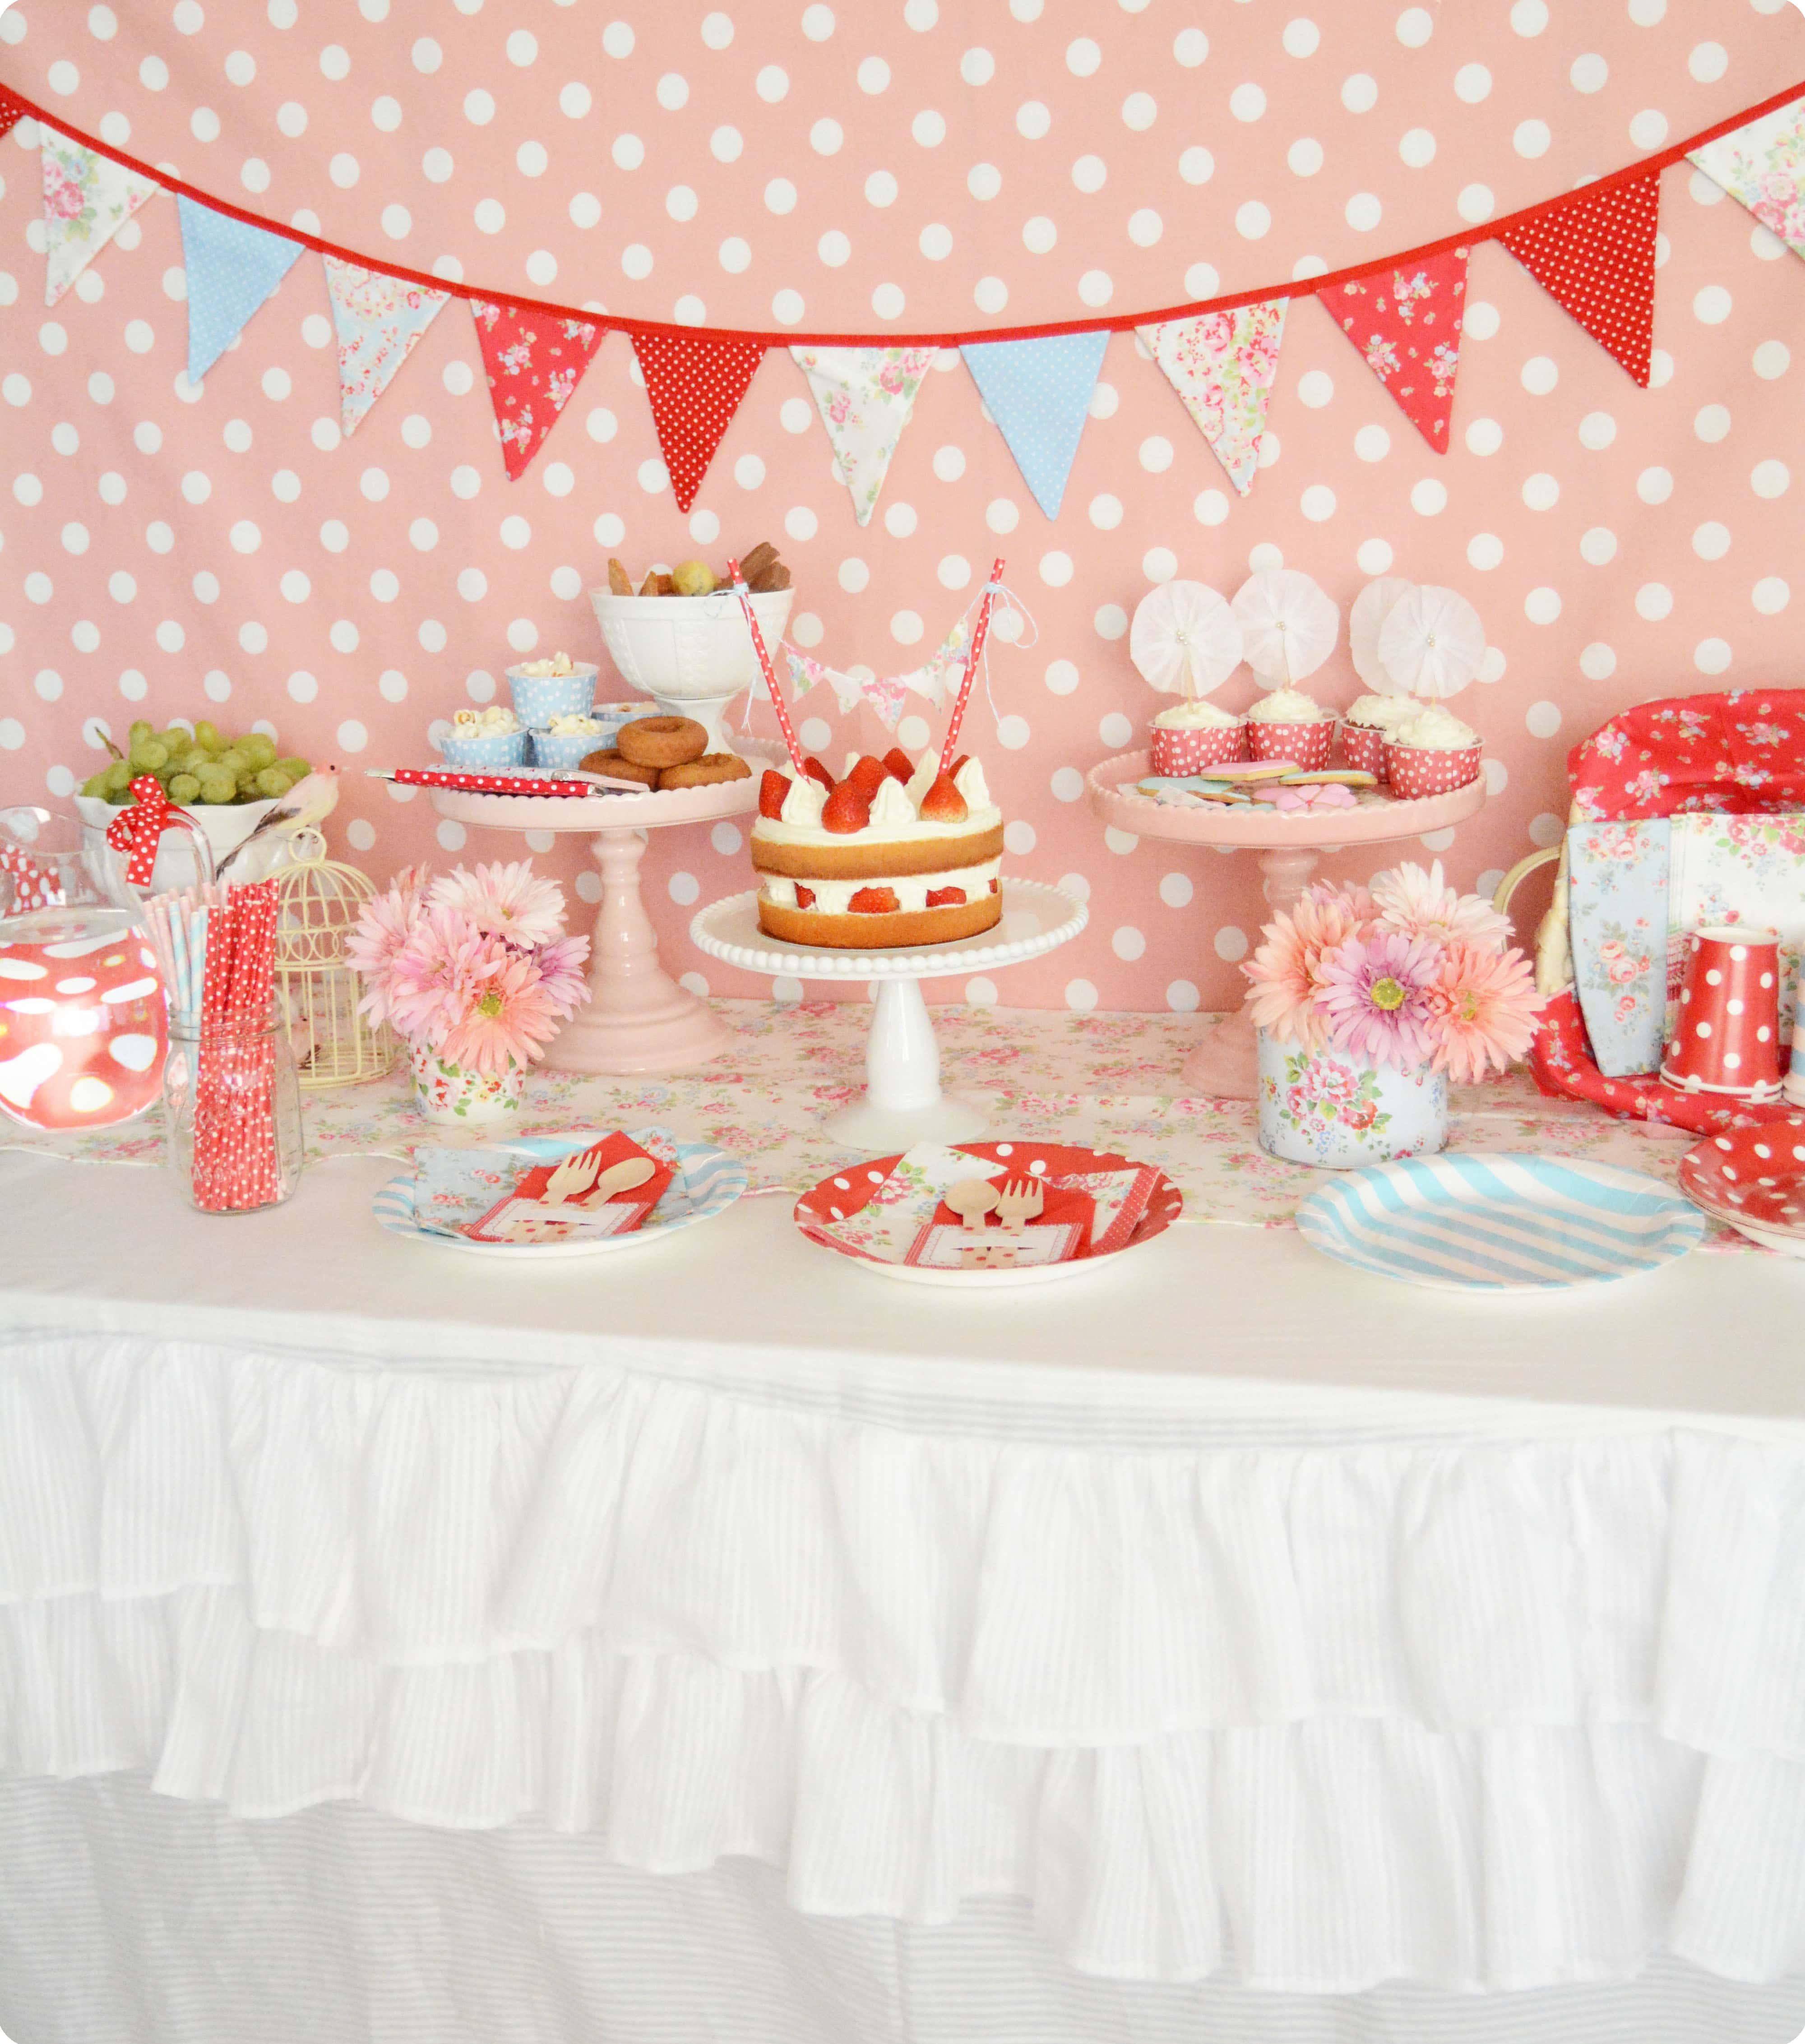 ポップカラーのキャスキッドソン風お誕生日会 : Cath Kidston Themed Party